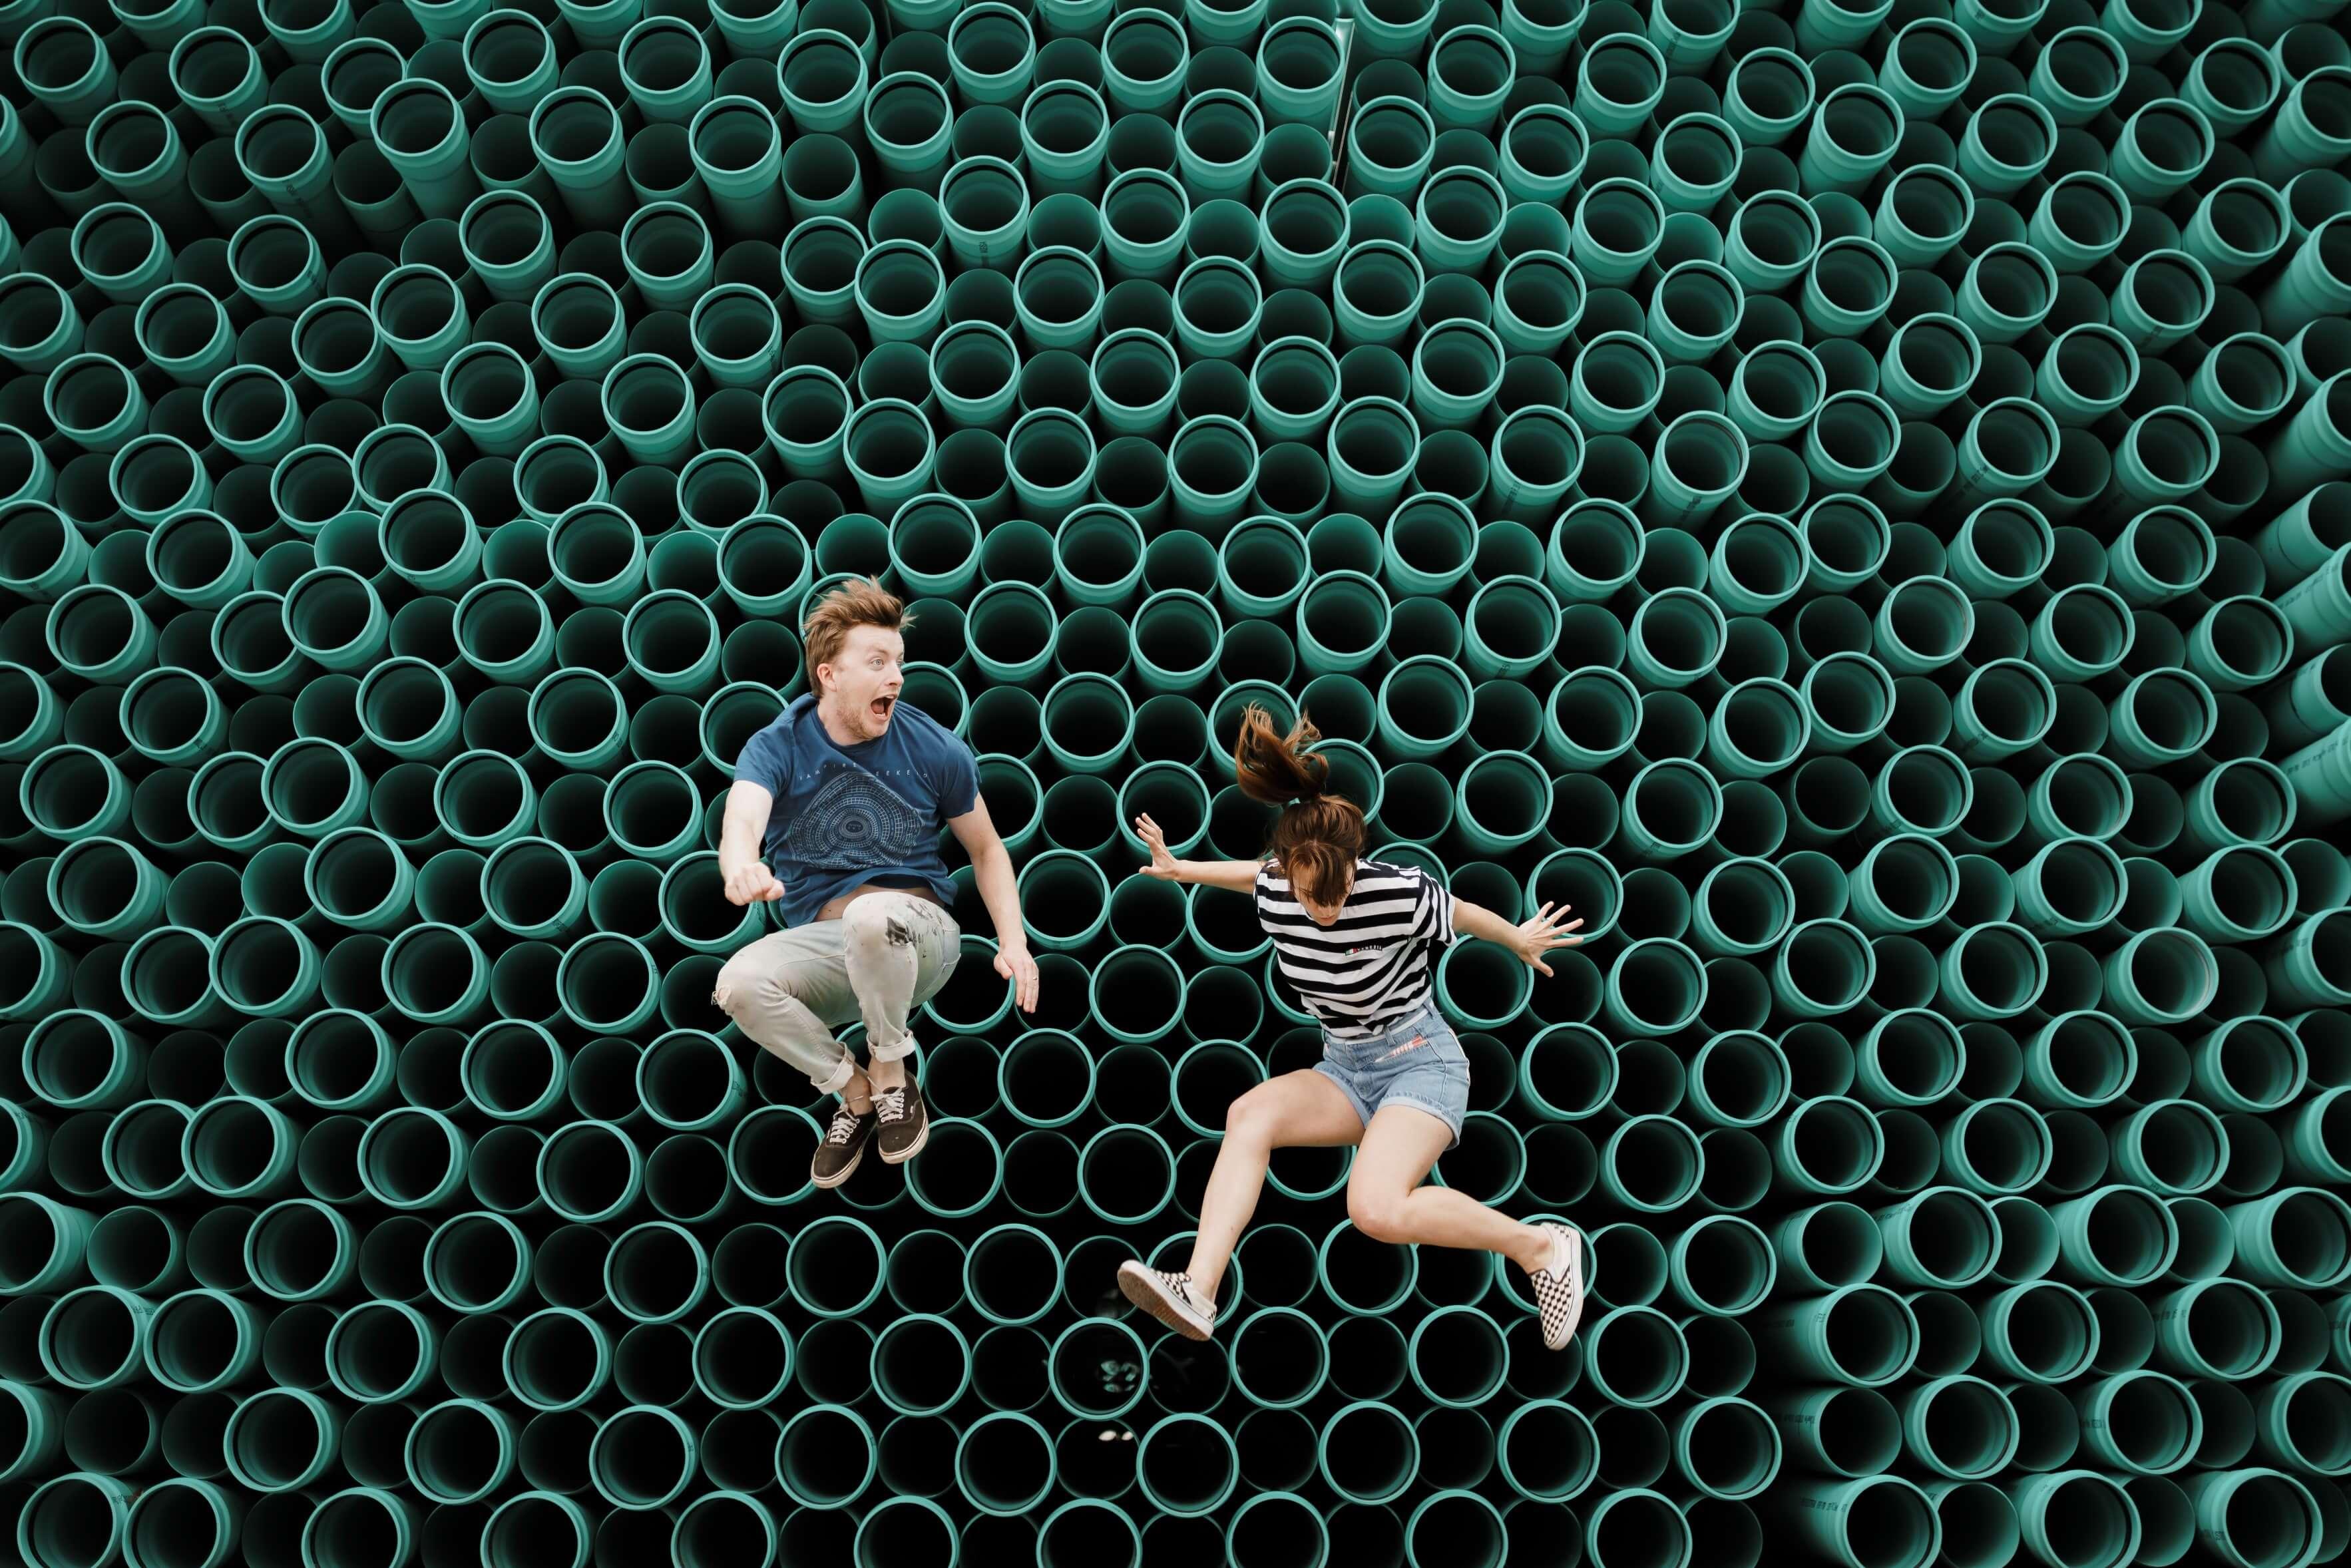 Jugendliche_springen